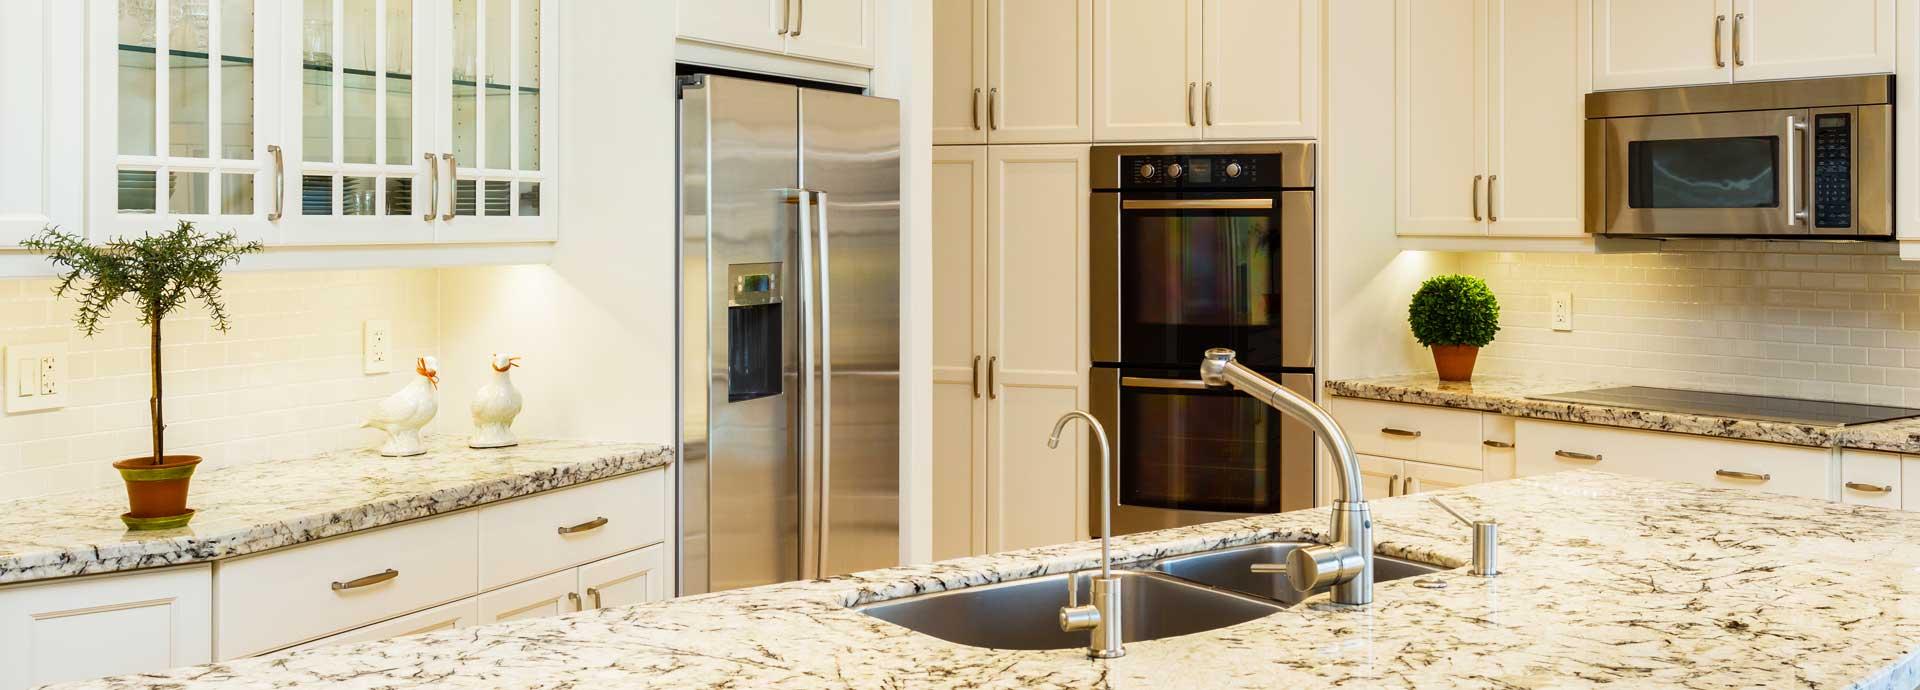 Kitchen Remodeling in Pflugerville, Cedar Park, Georgetown TX